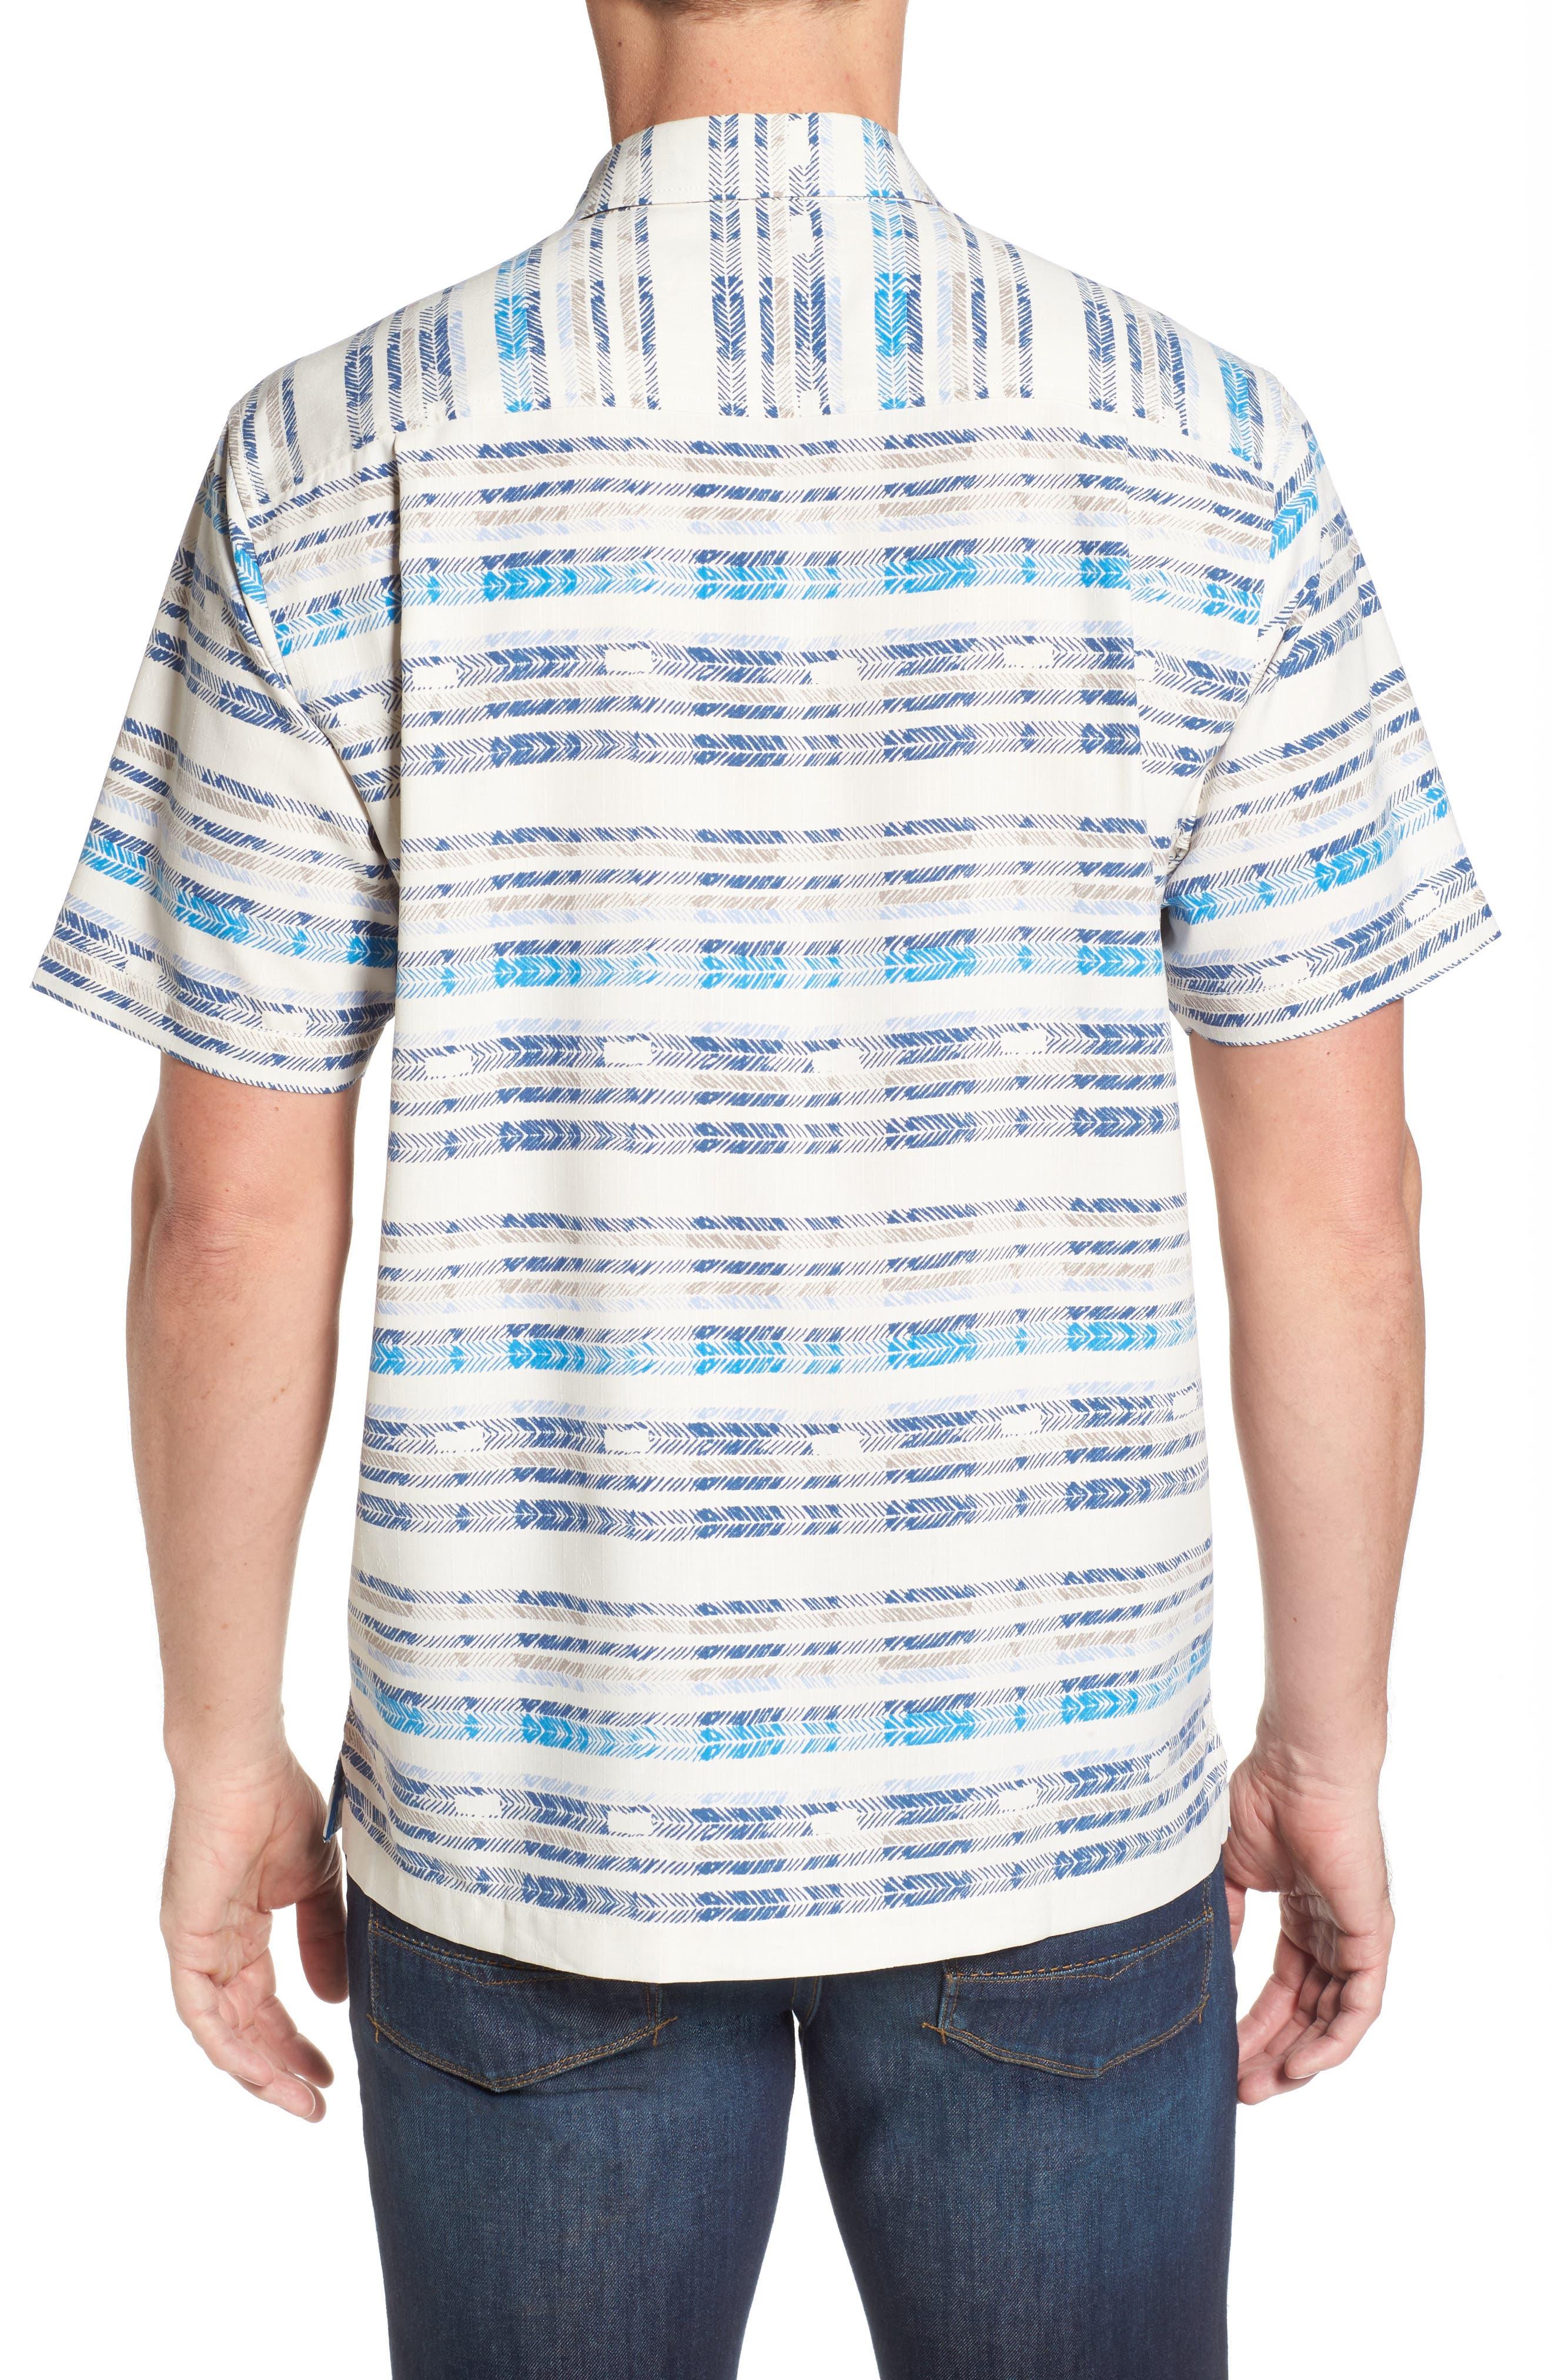 Breaker Bay Sport Shirt,                             Alternate thumbnail 2, color,                             Coconut Cream